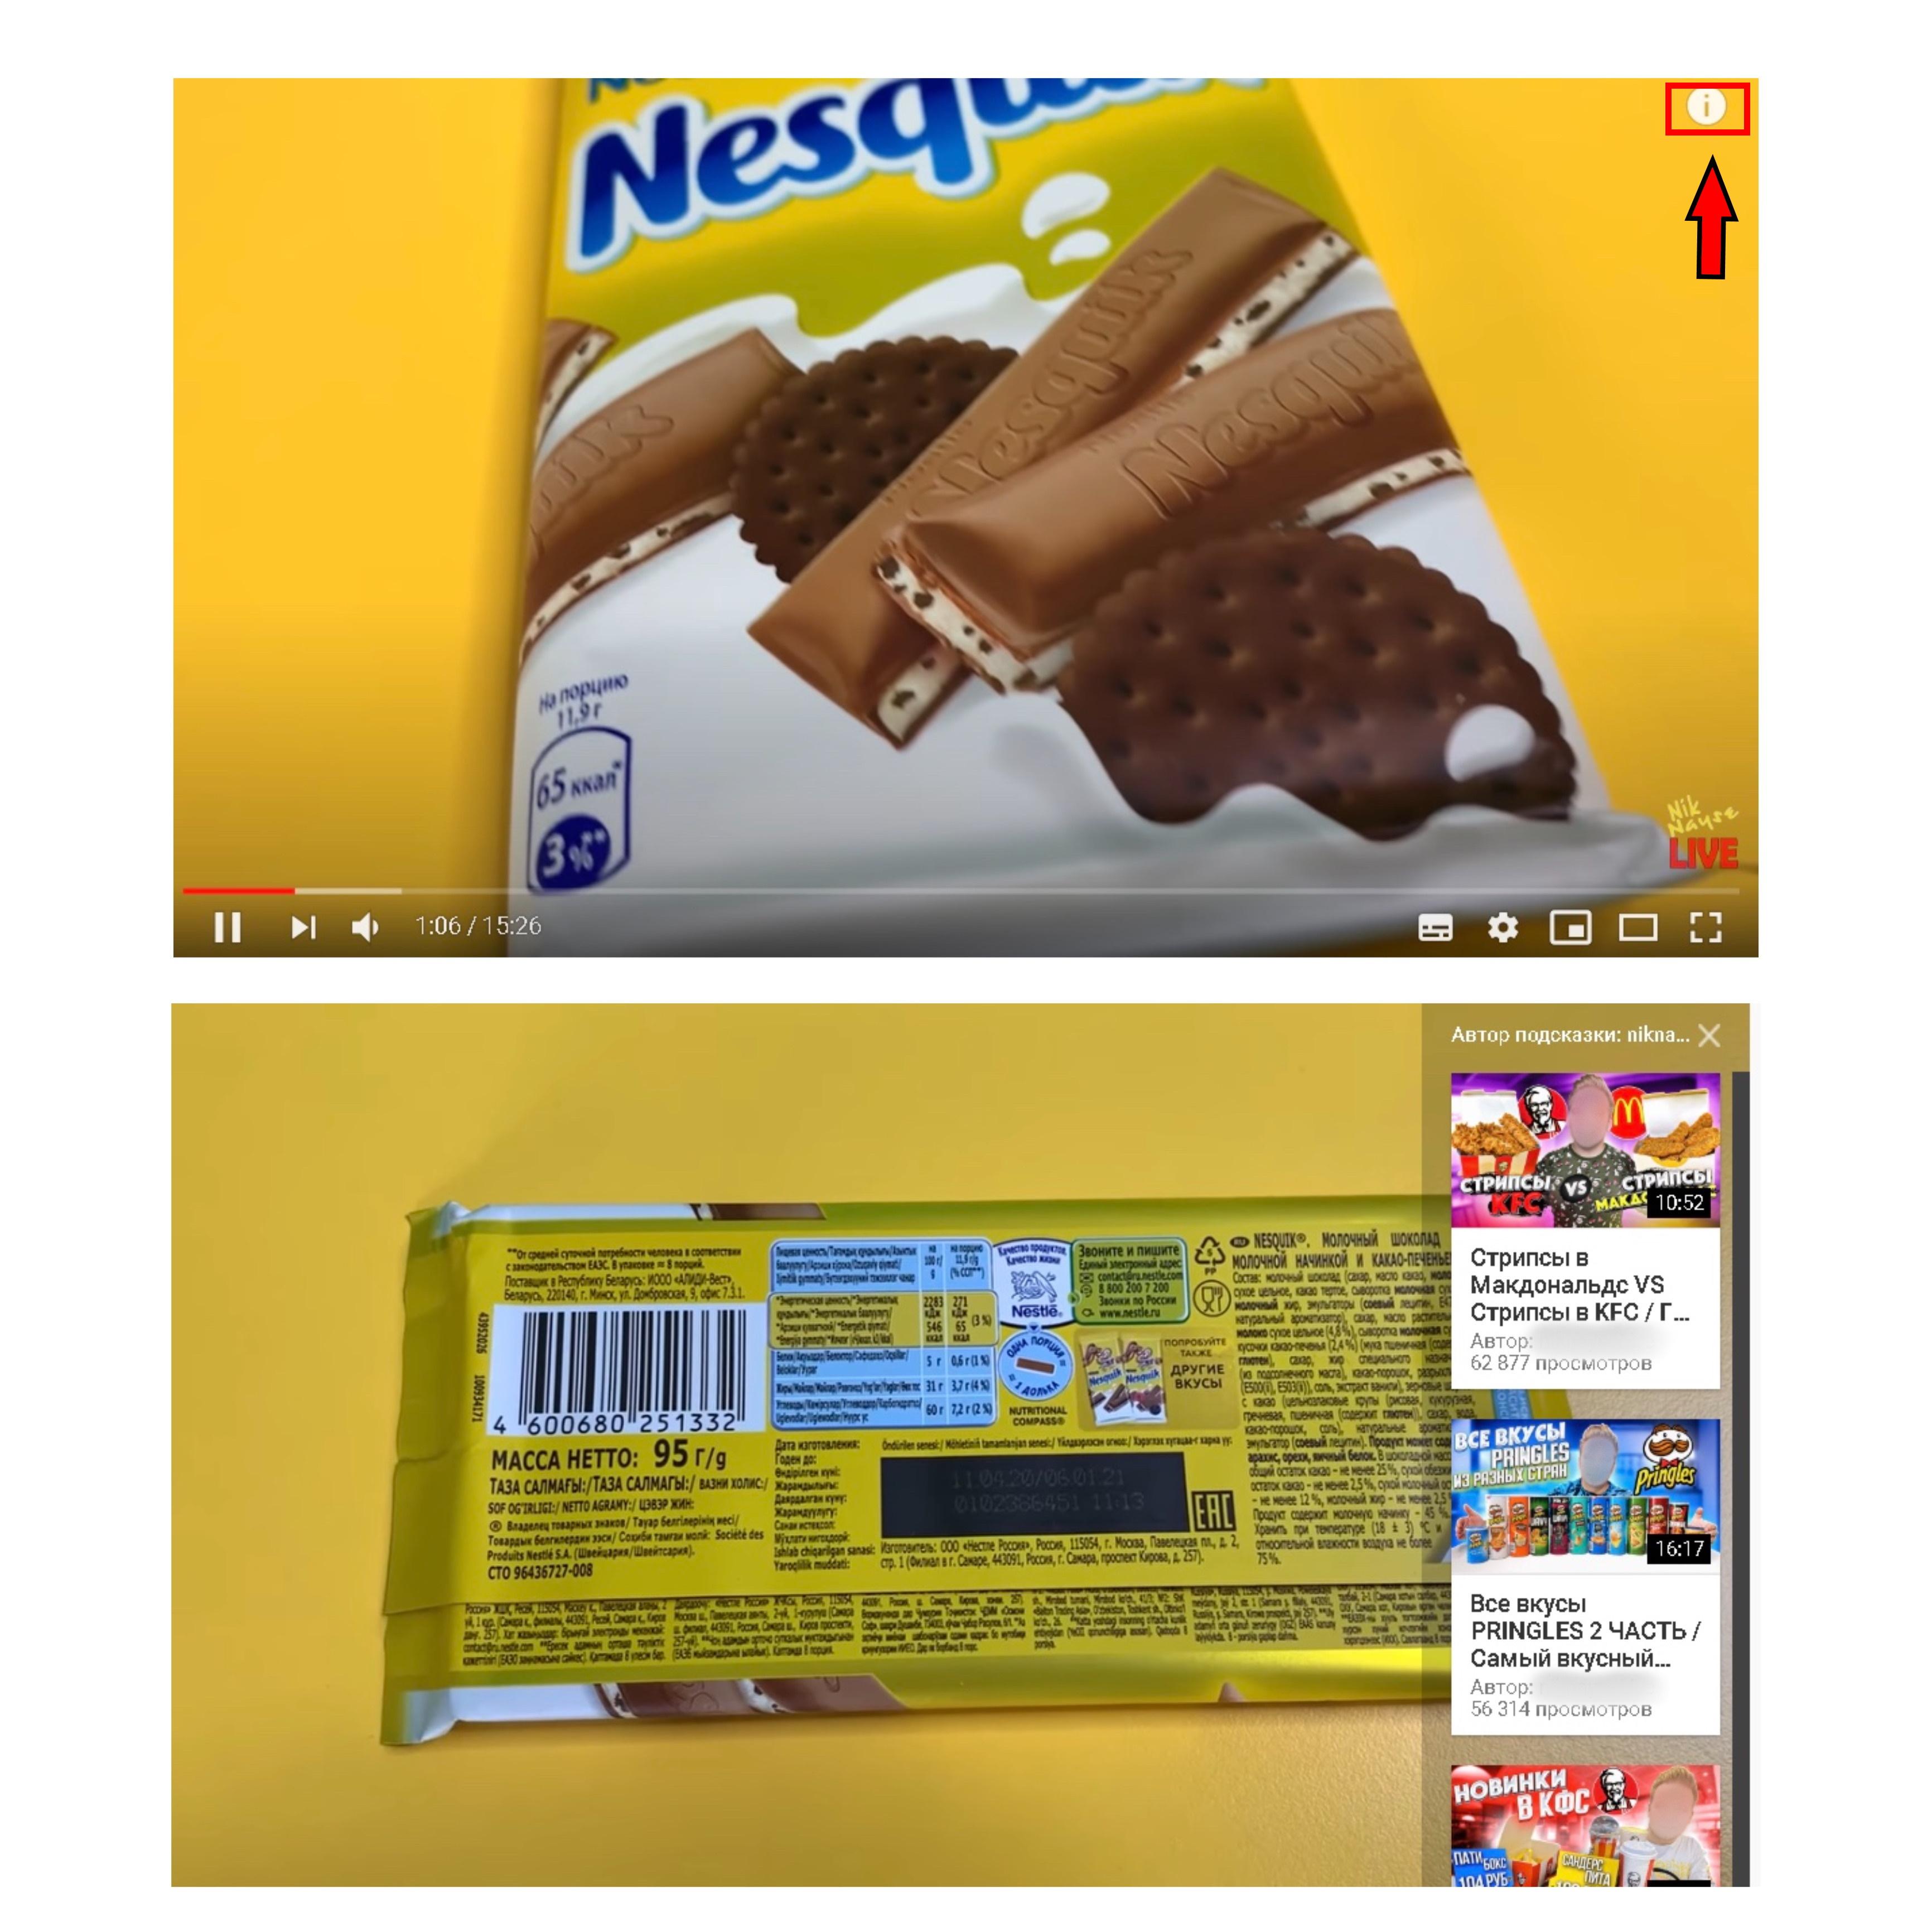 Пример подсказки в видеоролике на YouTube